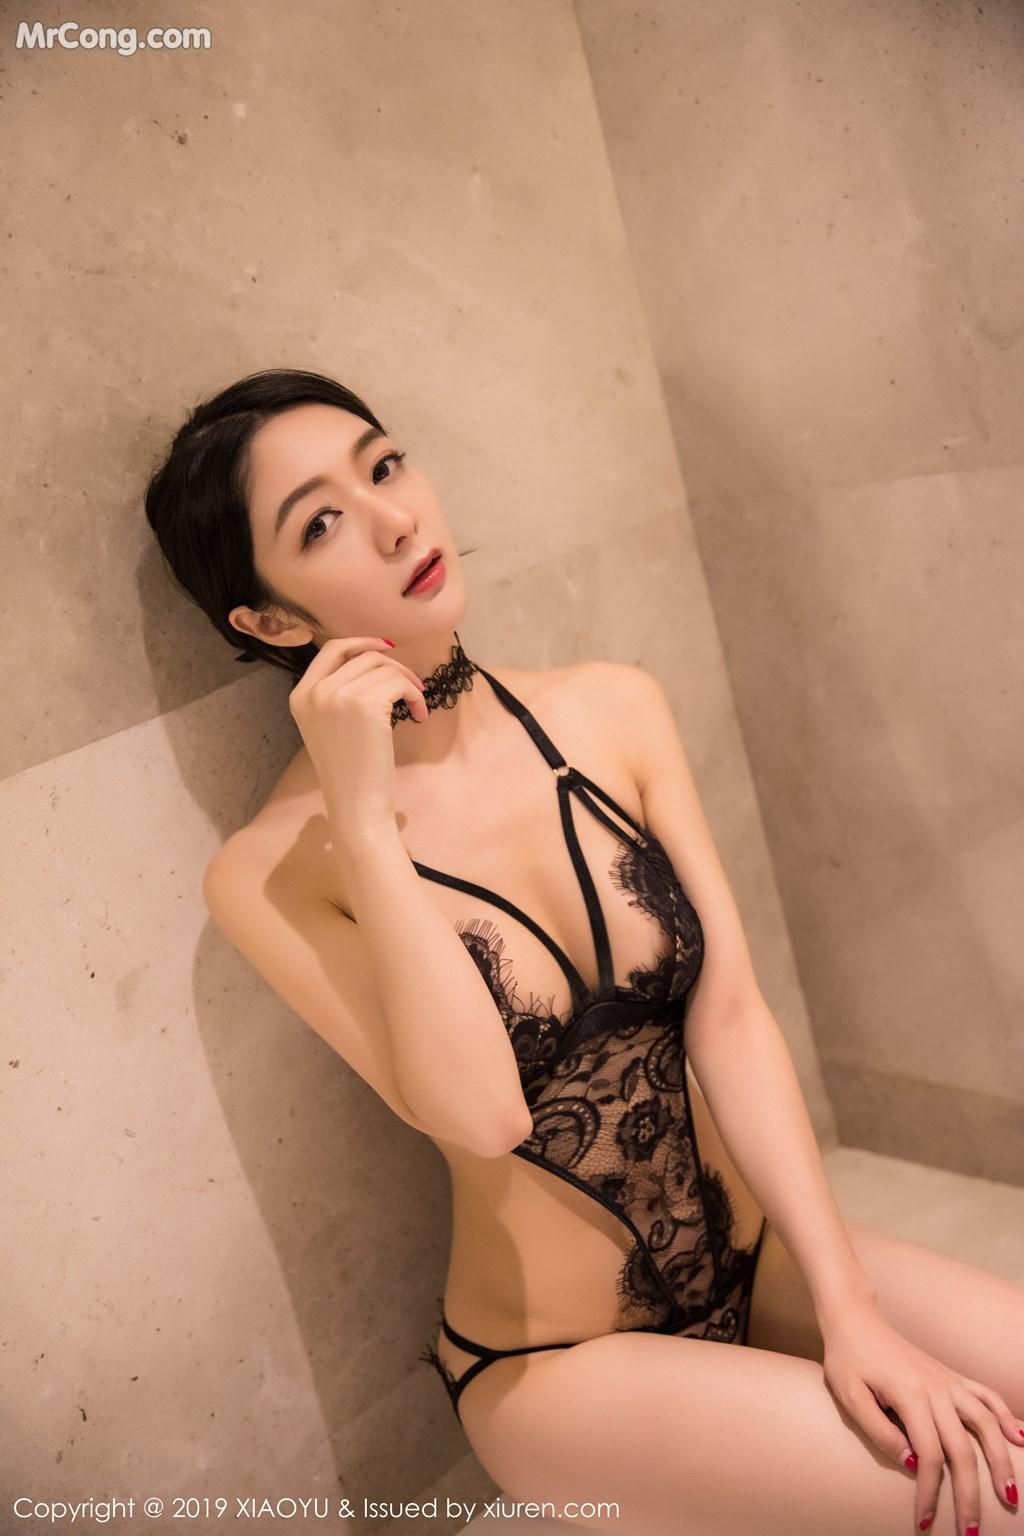 Image XiaoYu-Vol.041-Xiao-Reba-Angela-MrCong.com-038 in post XiaoYu Vol.041: Xiao Reba (Angela喜欢猫) (43 ảnh)